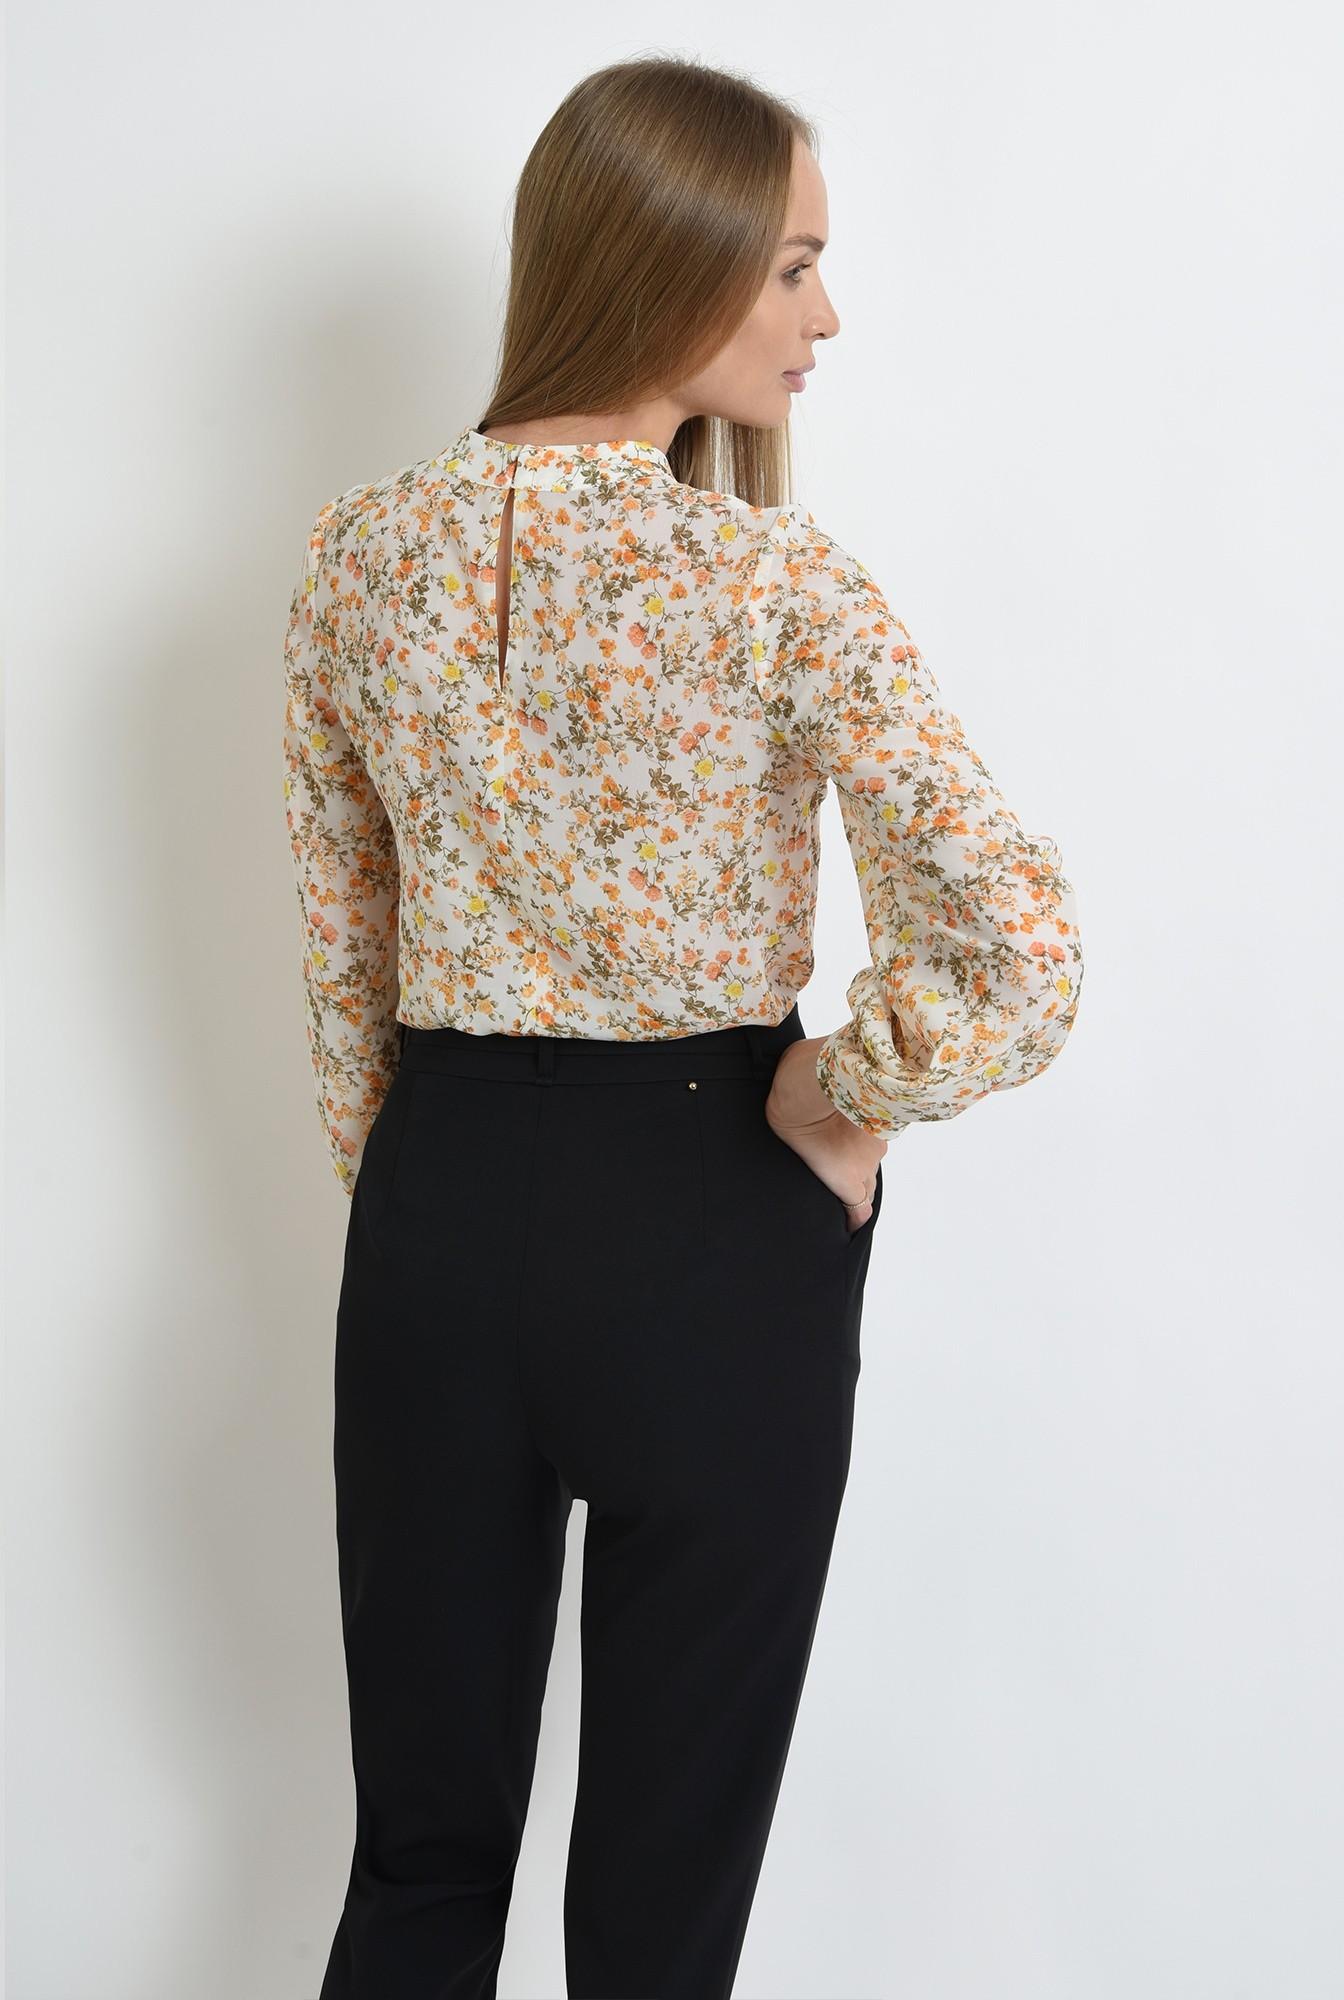 2 - bluza de zi, cu motive florale, cu maneca lunga